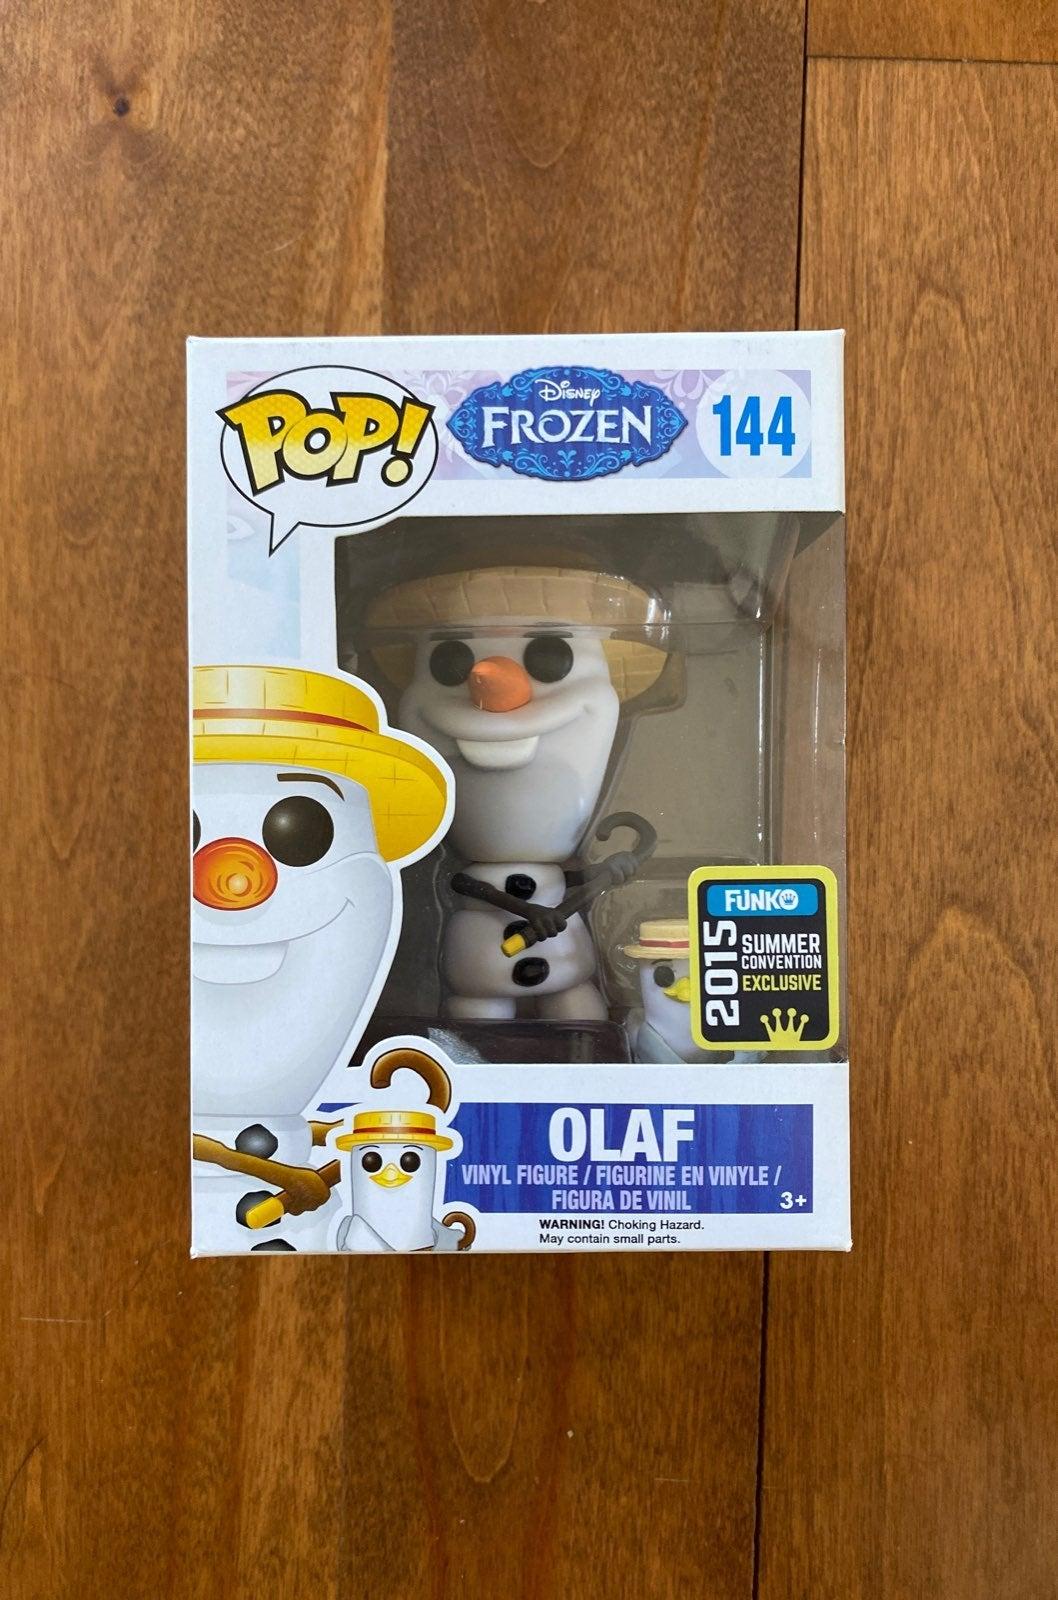 Frozen Olaf #144 Funko Pop